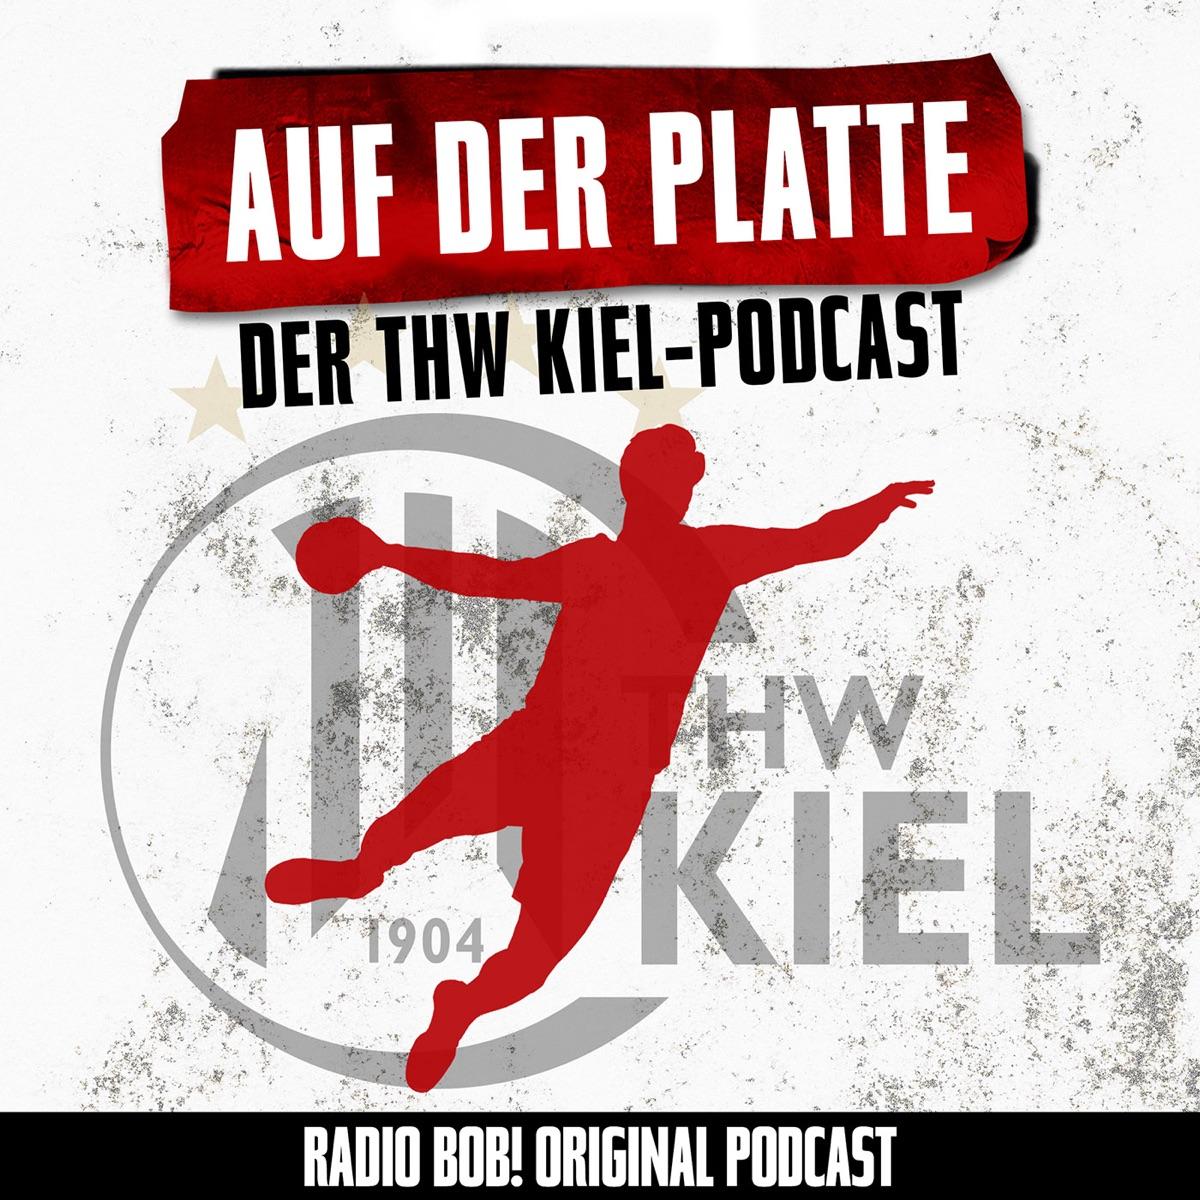 Auf der Platte – der THW Kiel Podcast bei RADIO BOB!